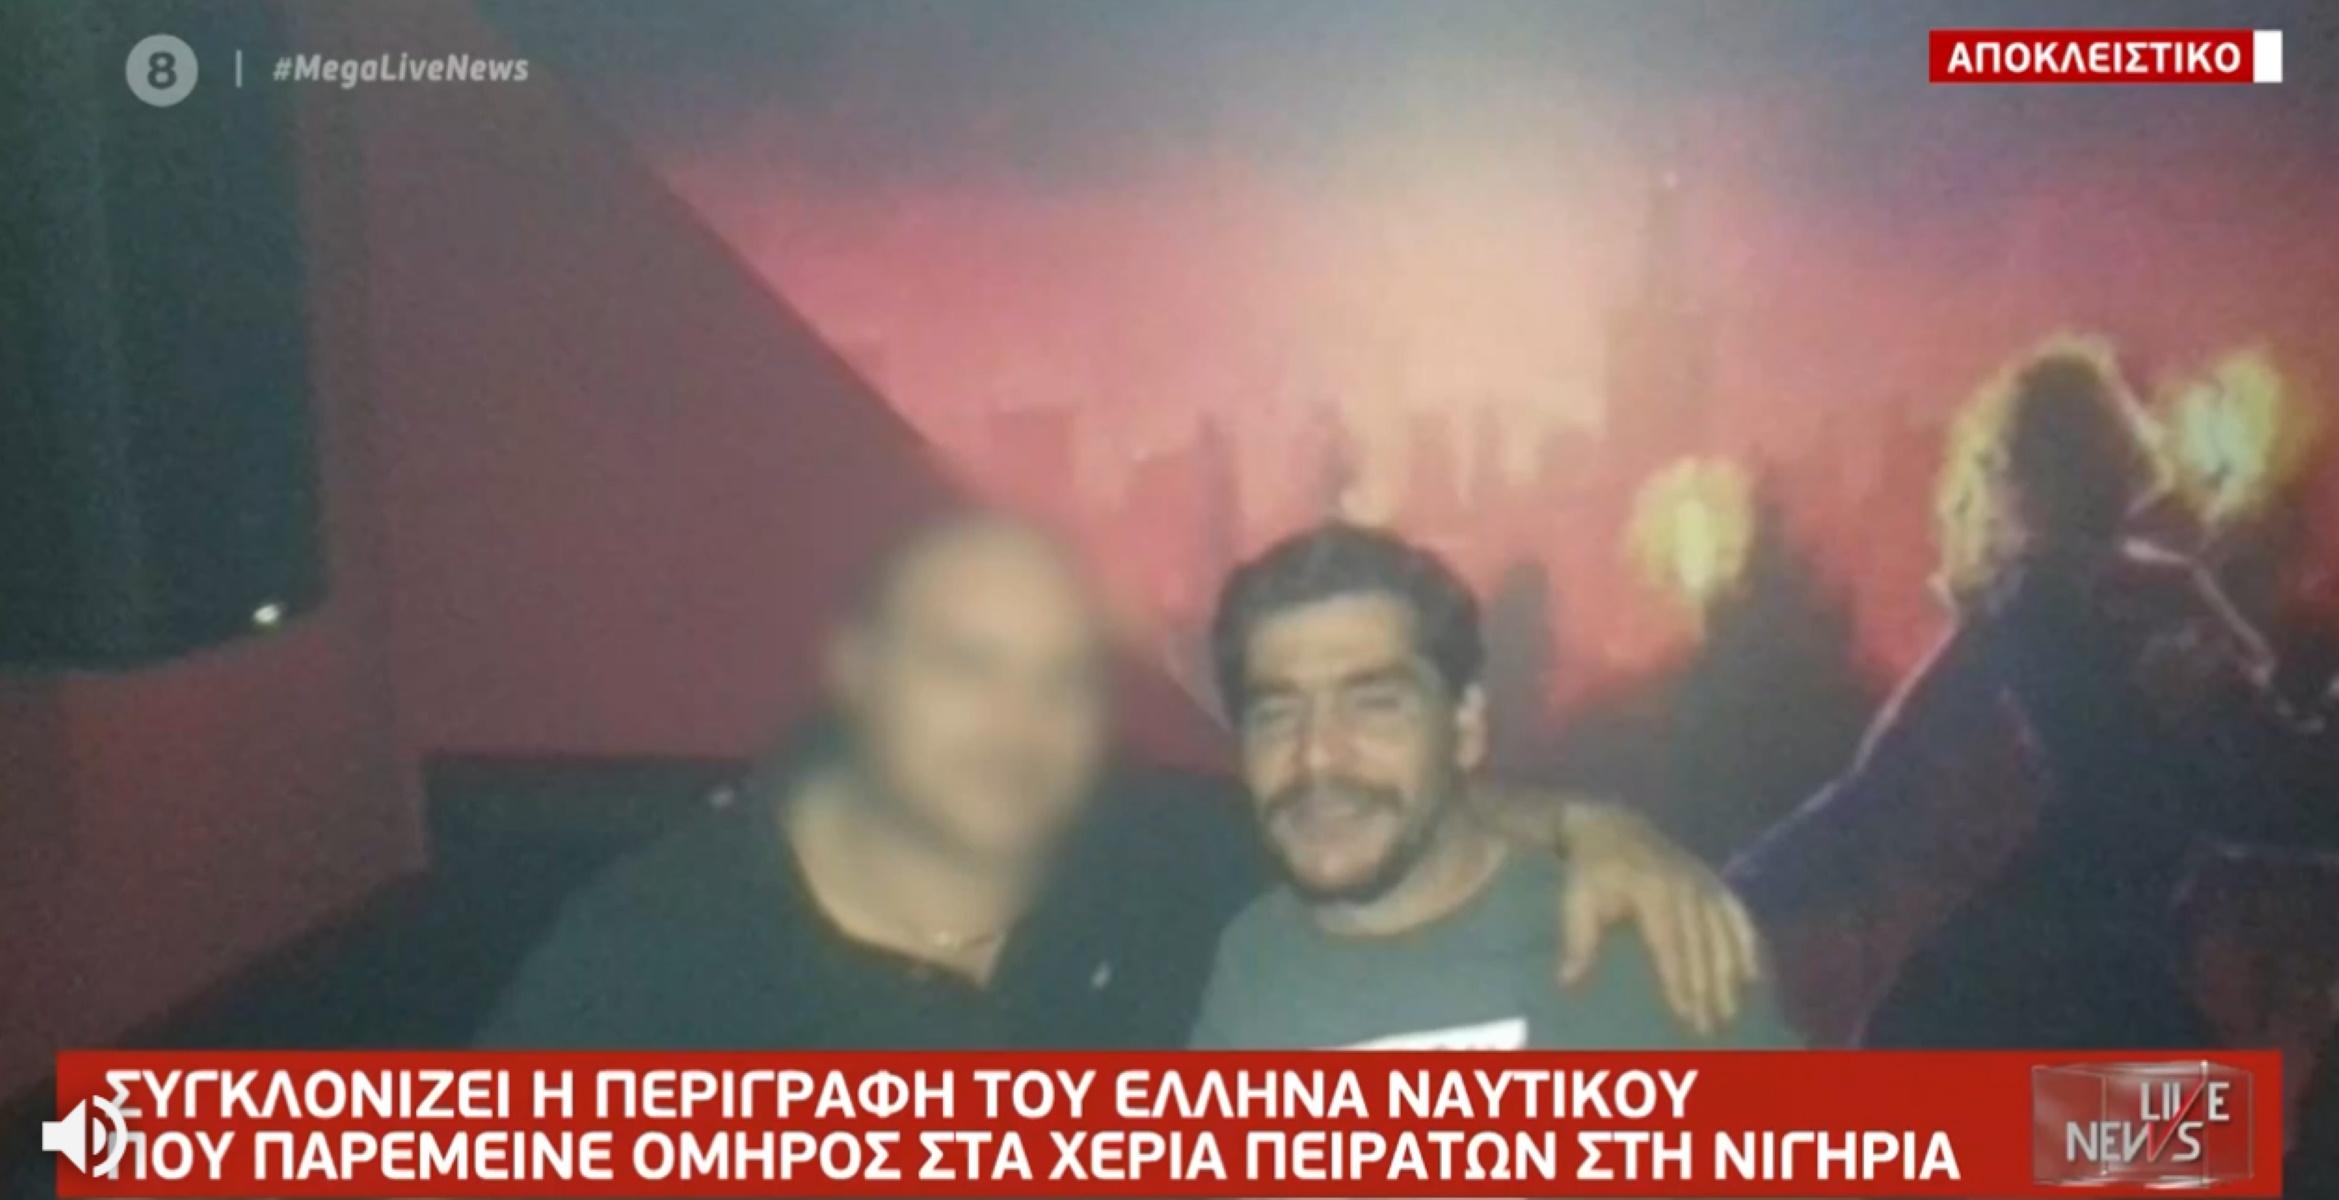 Live News: Συγκλονίζει η αποκλειστική μαρτυρία του Έλληνα ναυτικού για την ομηρία στη Νιγηρία